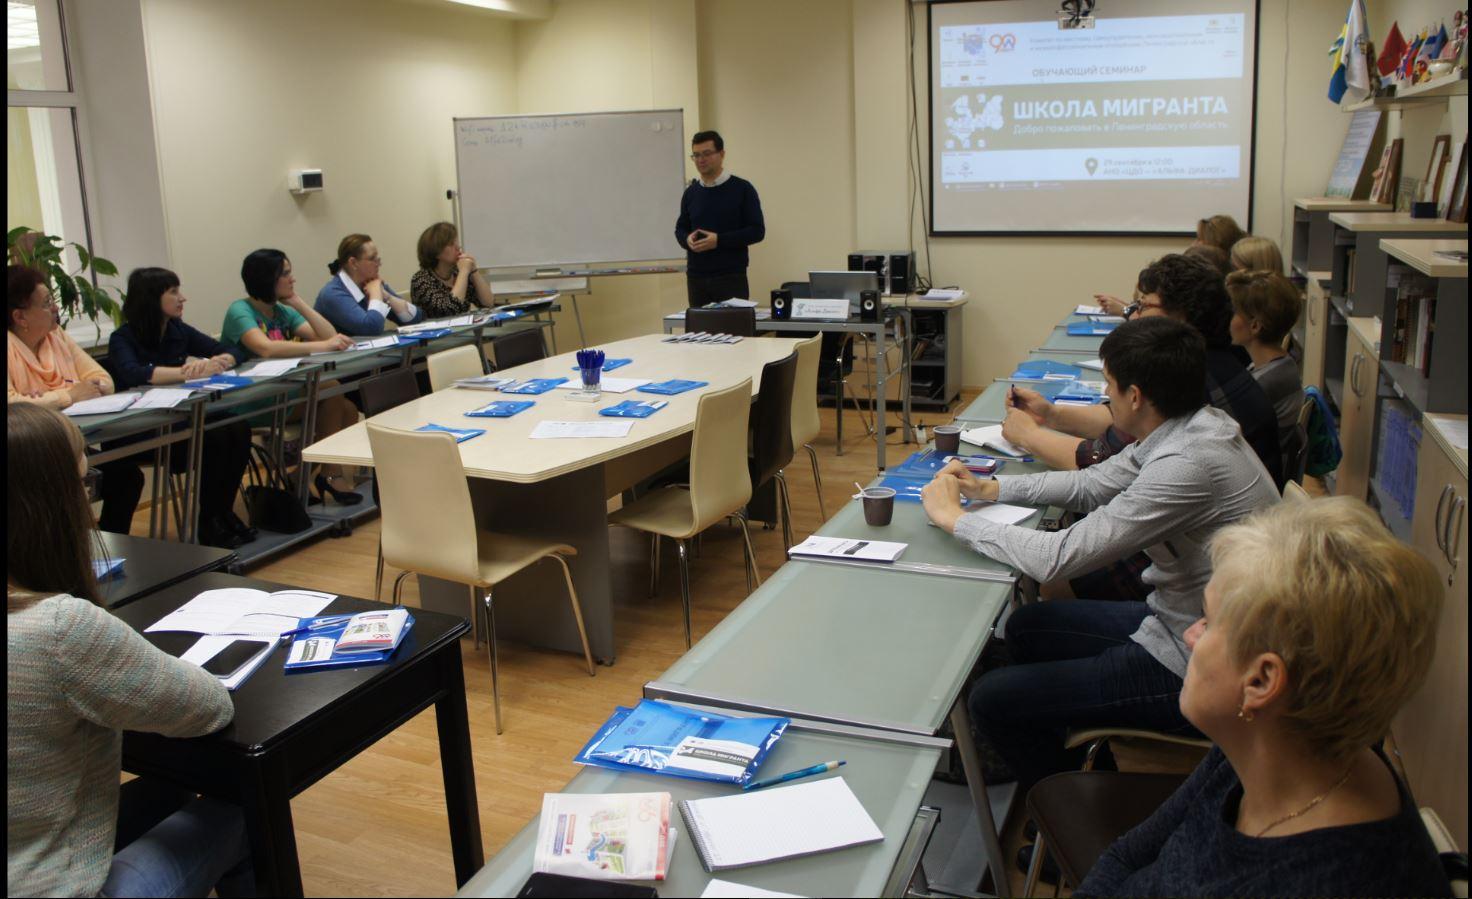 Цикл семинаров для сотрудников органов местного самоуправления Ленинградской области